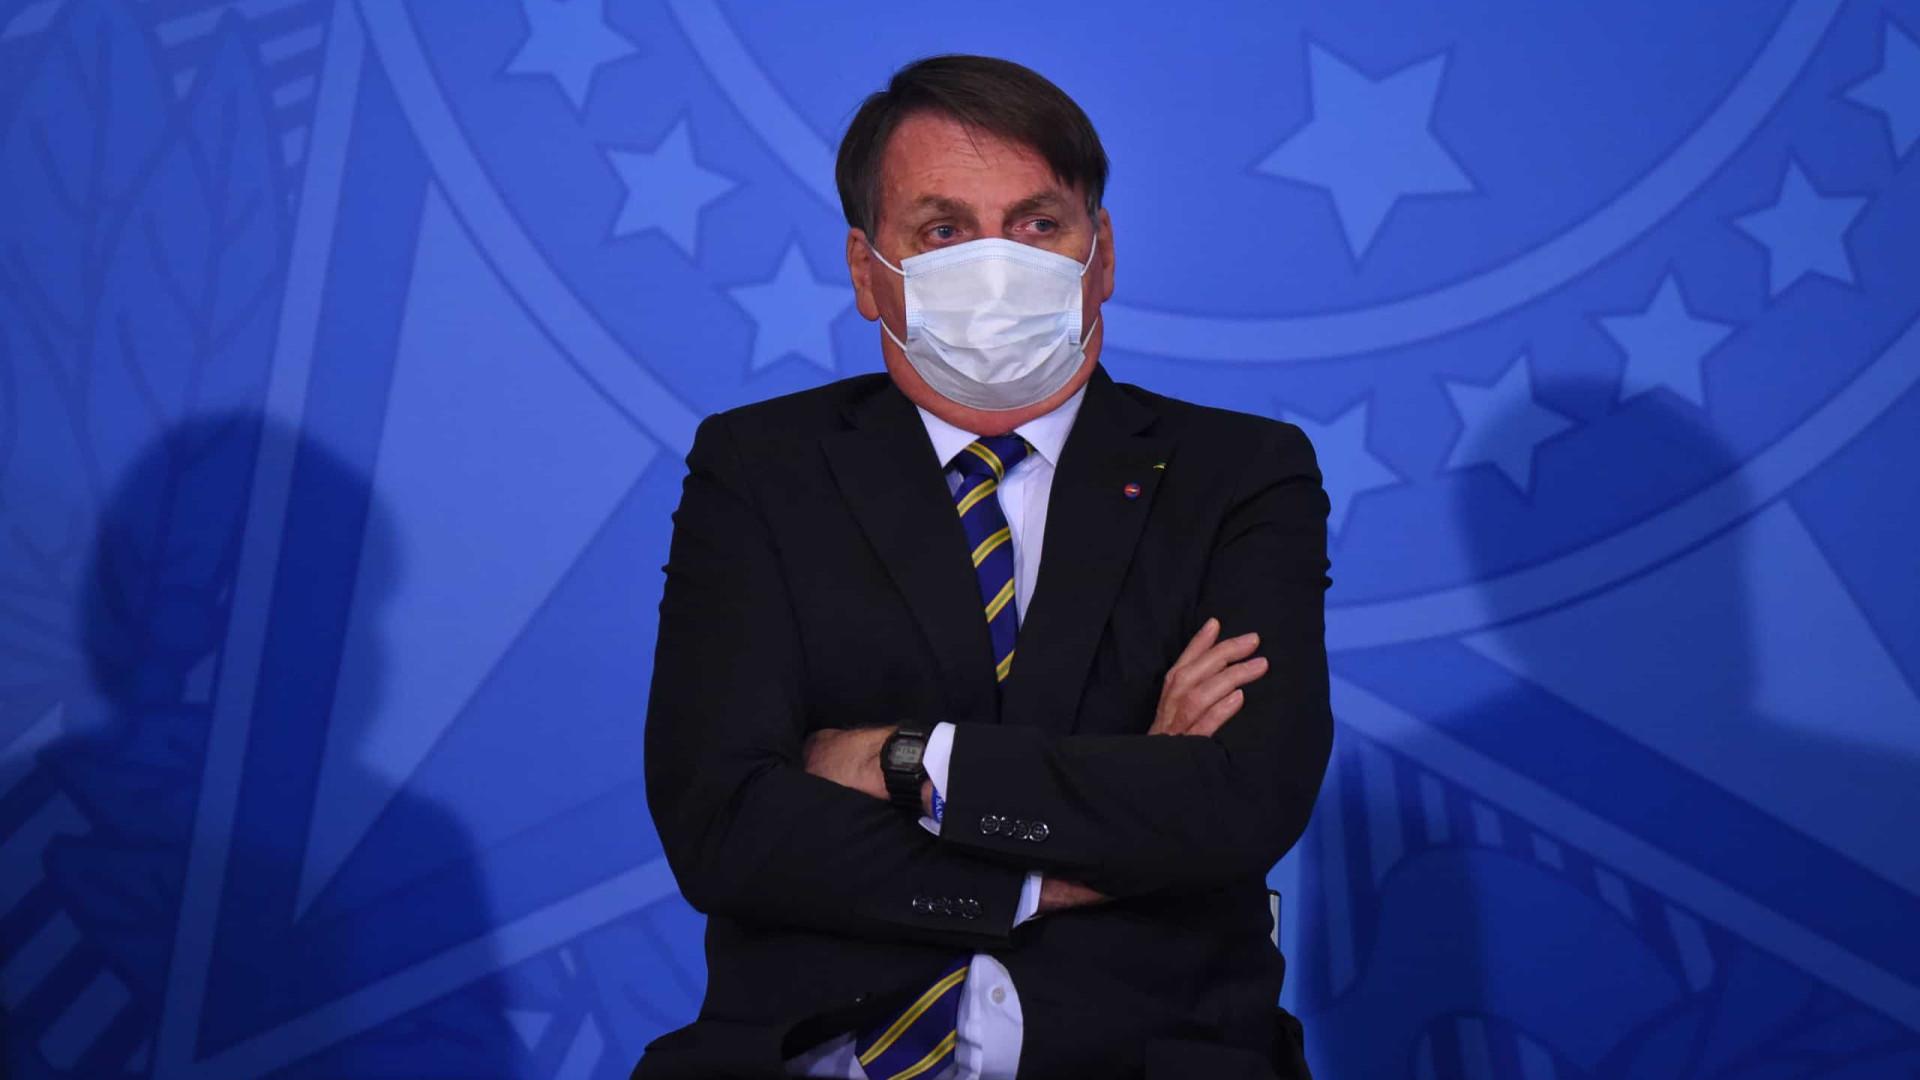 Em live, Bolsonaro fala sobre indicação ao STF e fim da Lava Jato